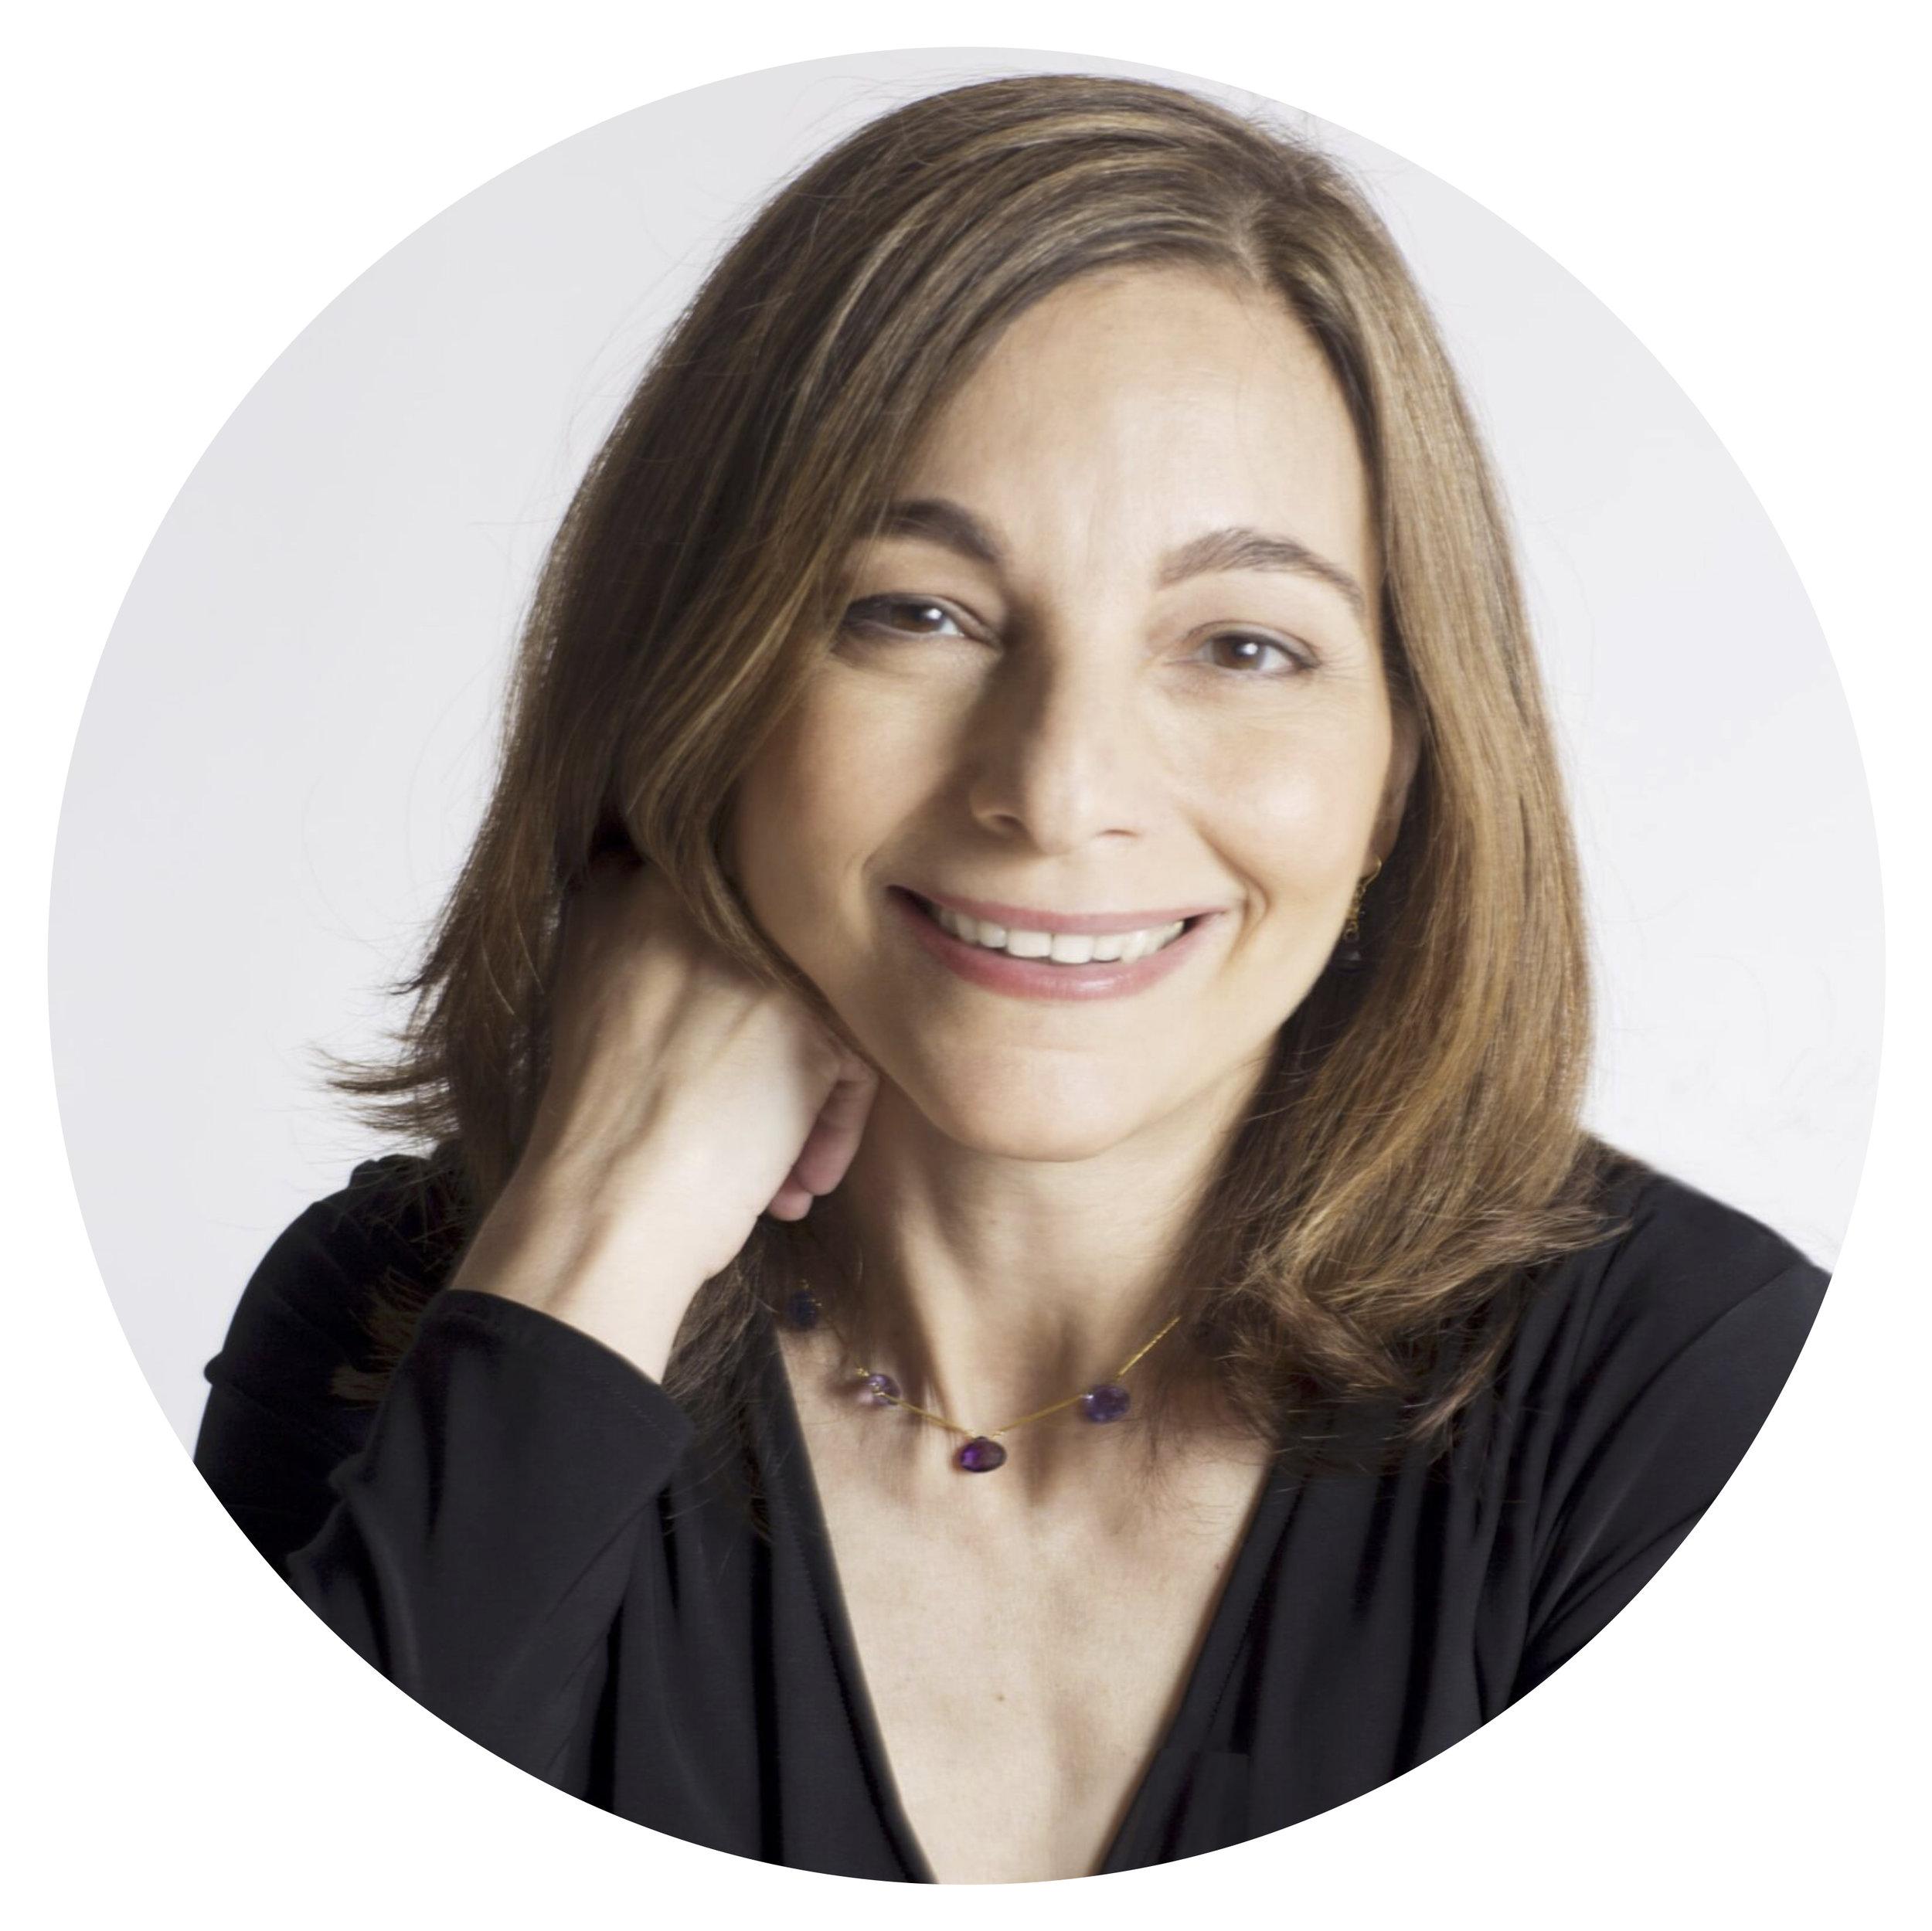 Helaine Olen  Opinion Writer  Washington Post